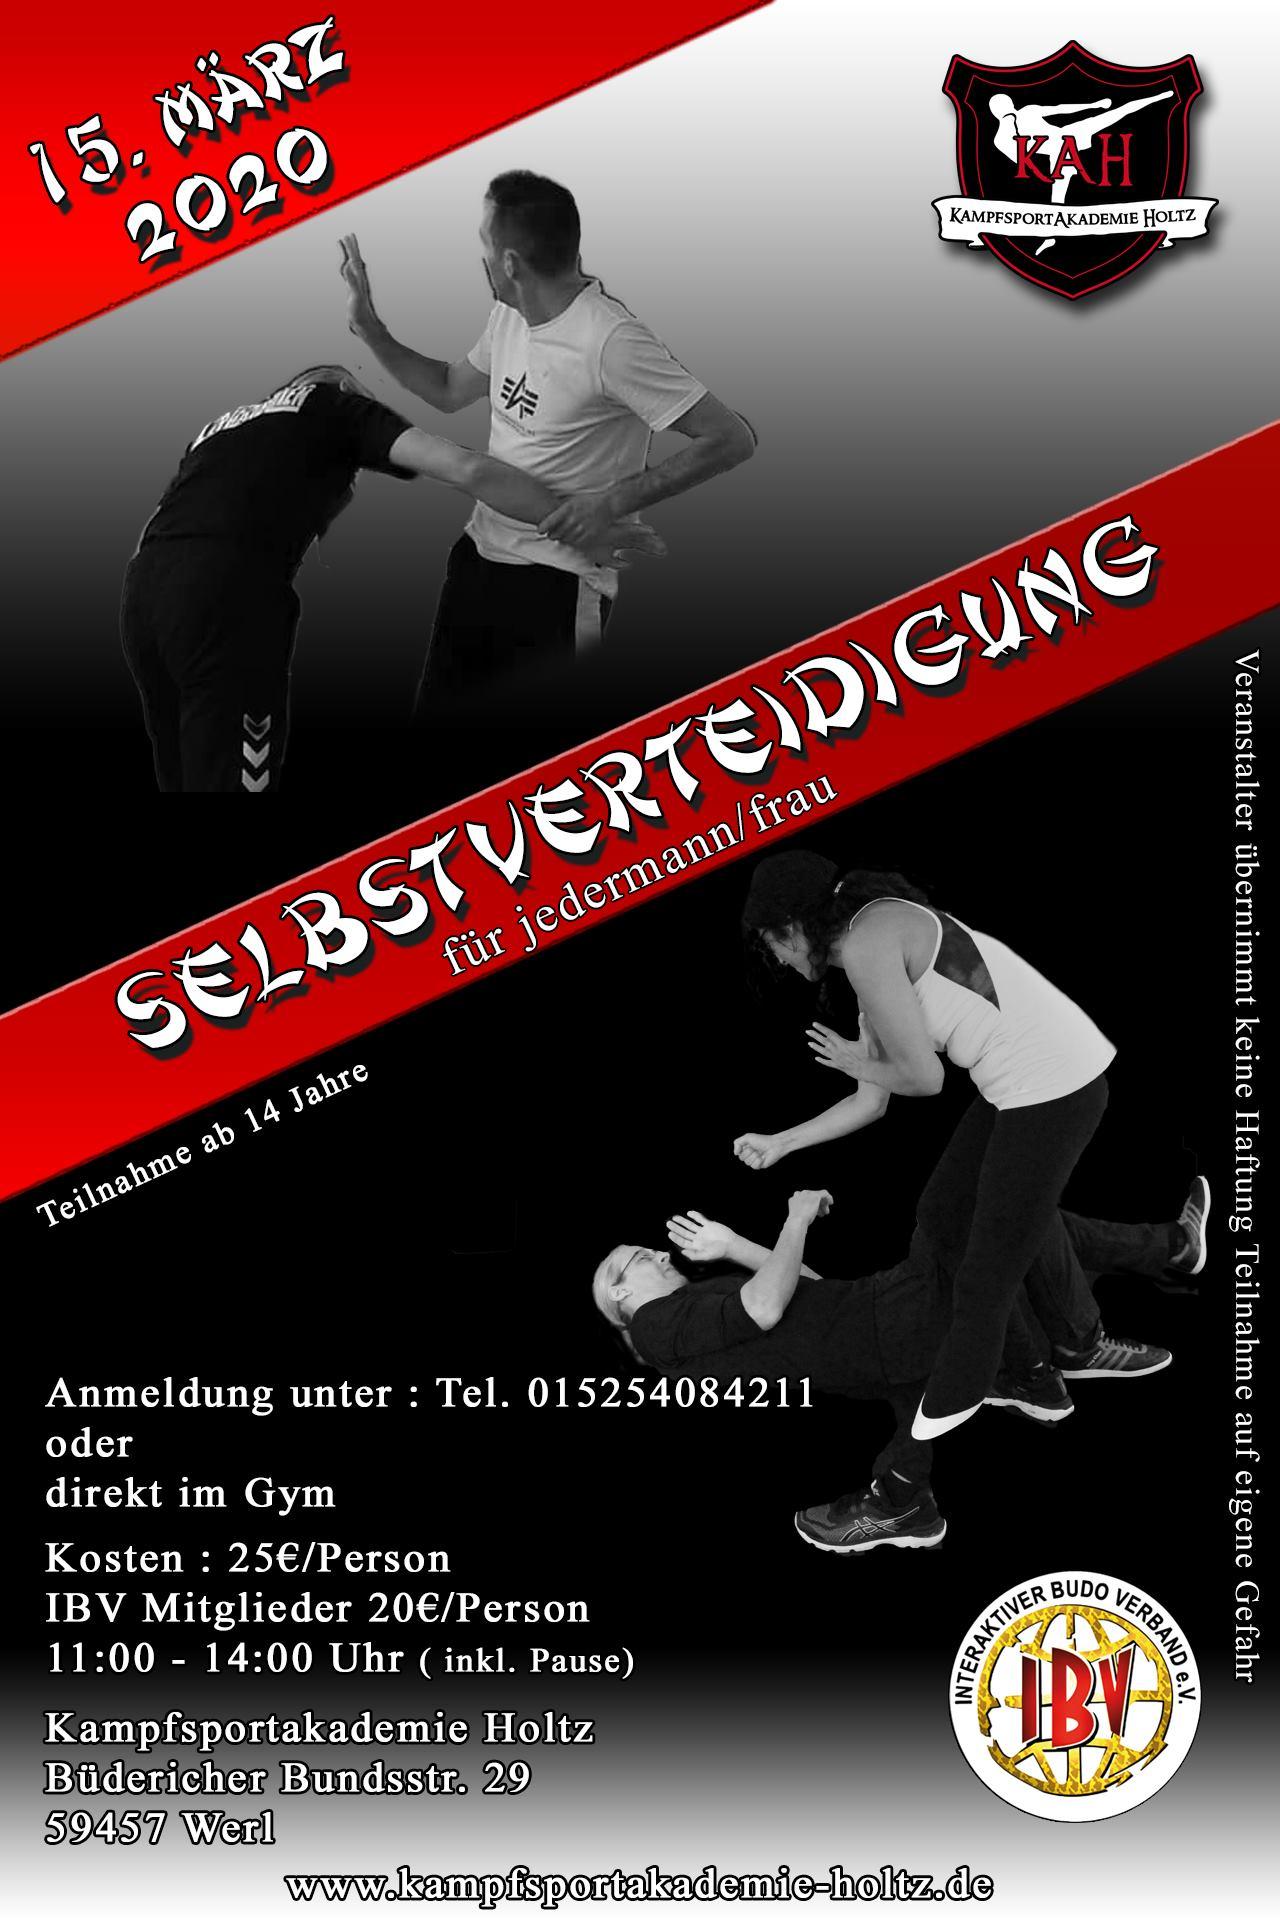 Selbstverteidigungsseminar für Frauen der Kampfsportakademie Holtz im September 2019